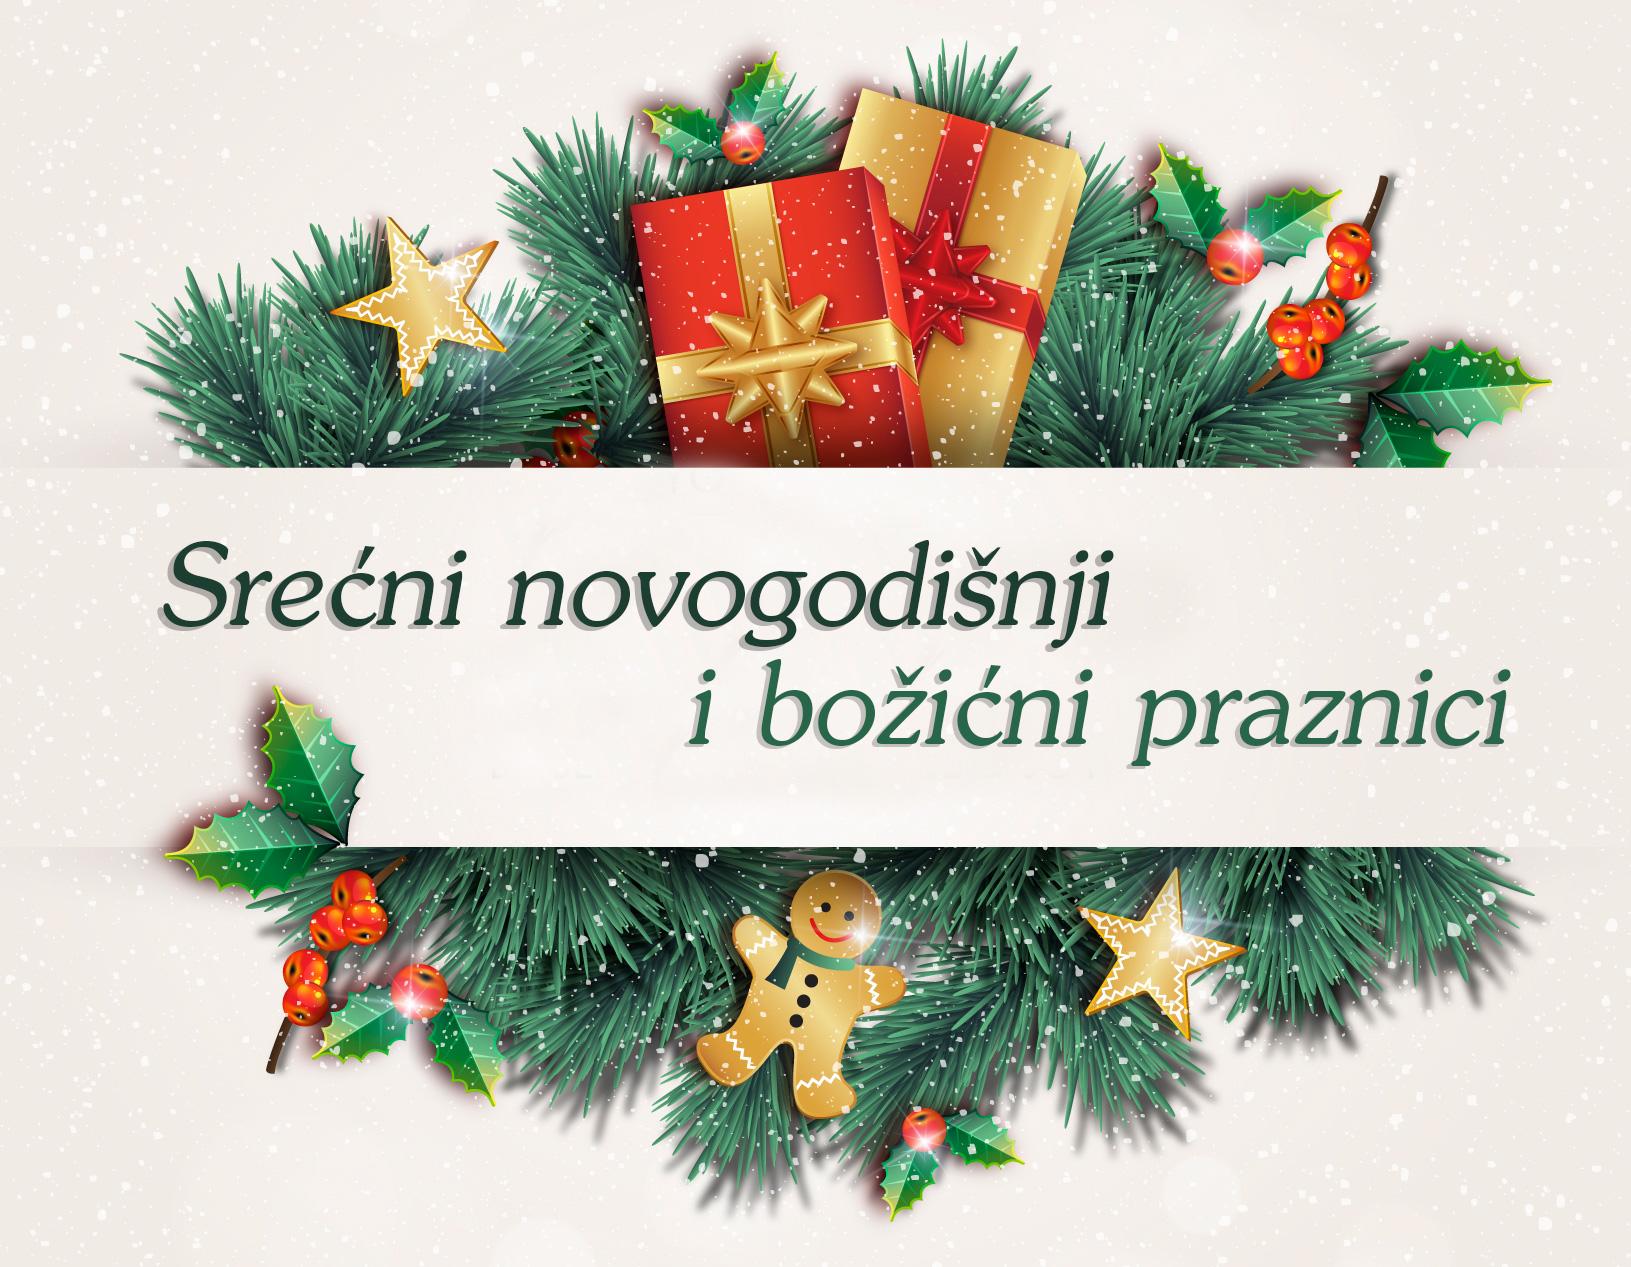 tekst za božične i novogodišnje čestitke Novogodišnje i božićne čestitke (slike i tekst) za 2016. godinu  tekst za božične i novogodišnje čestitke